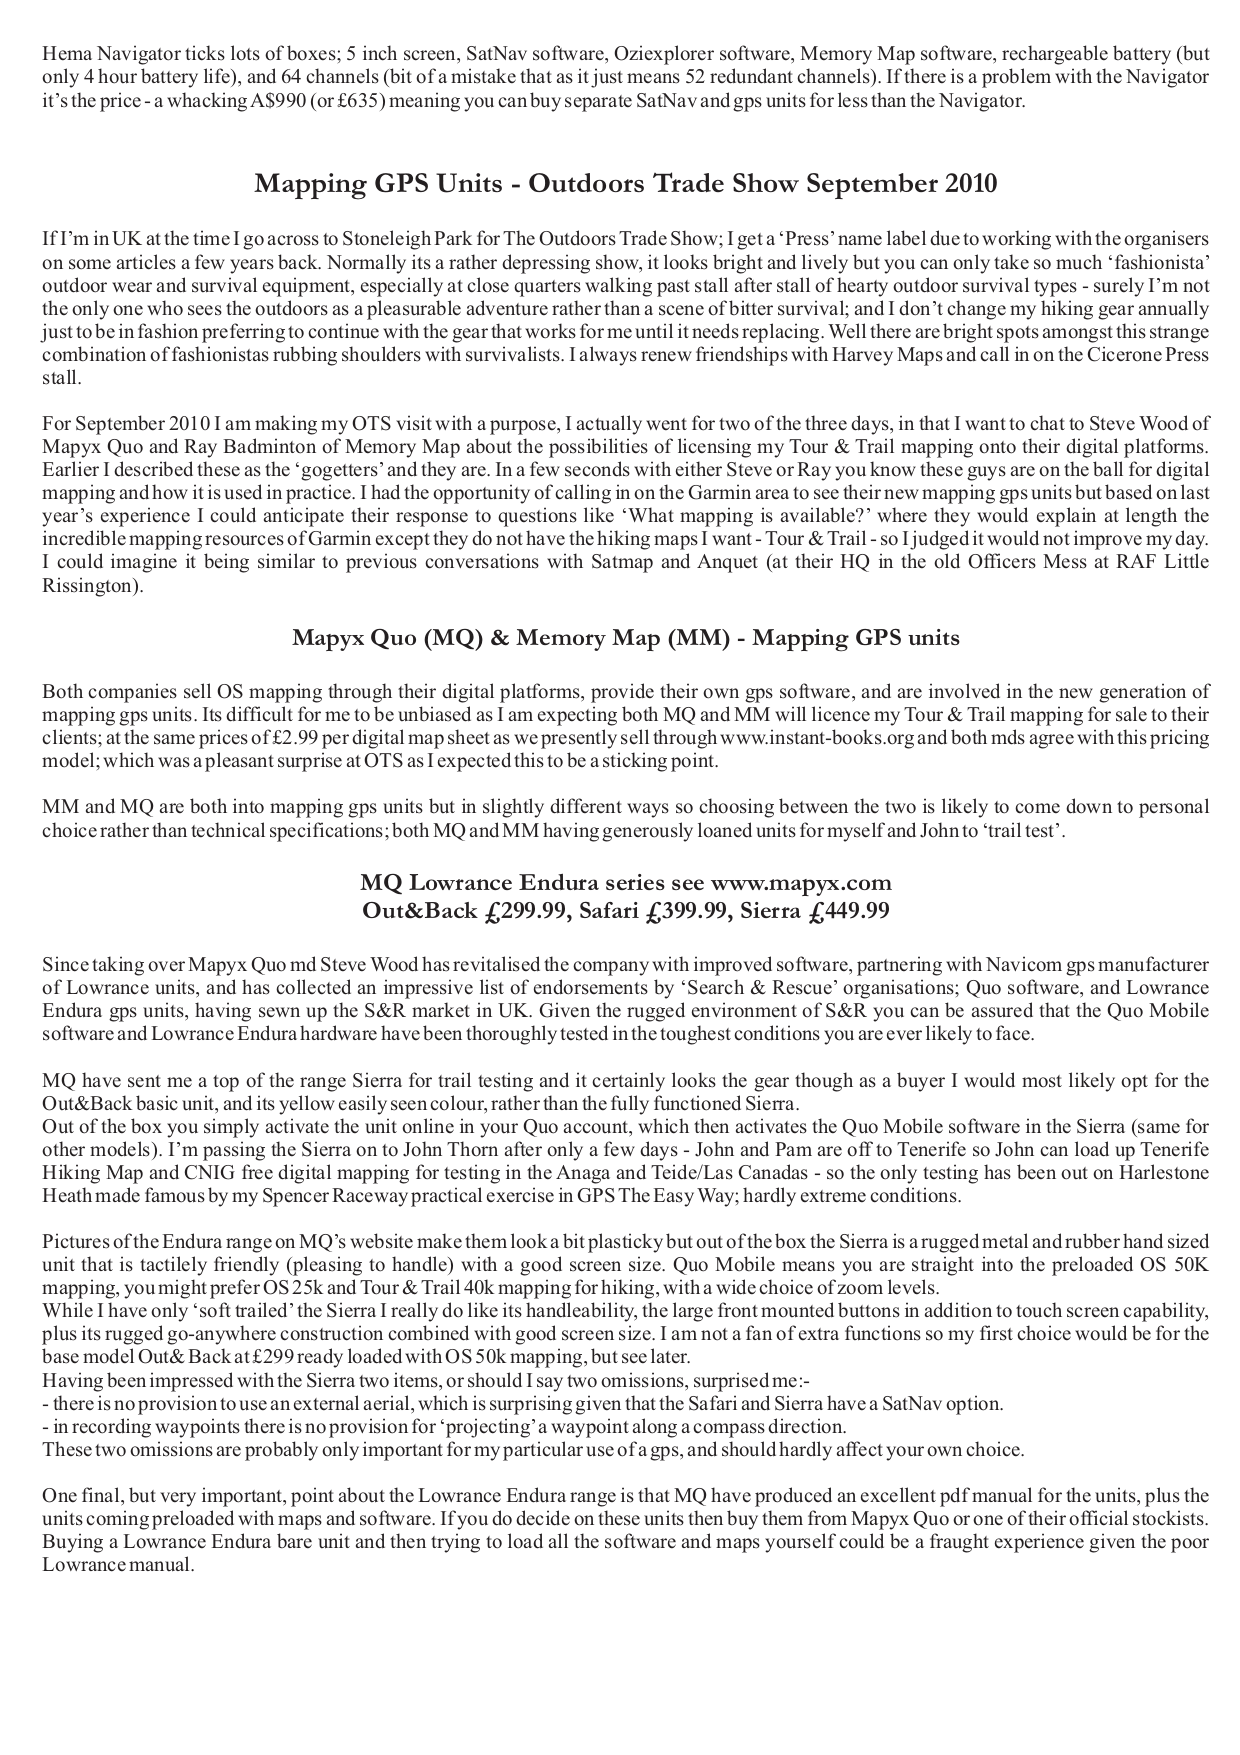 Lowrance GPS Endura Sierra pdf page preview